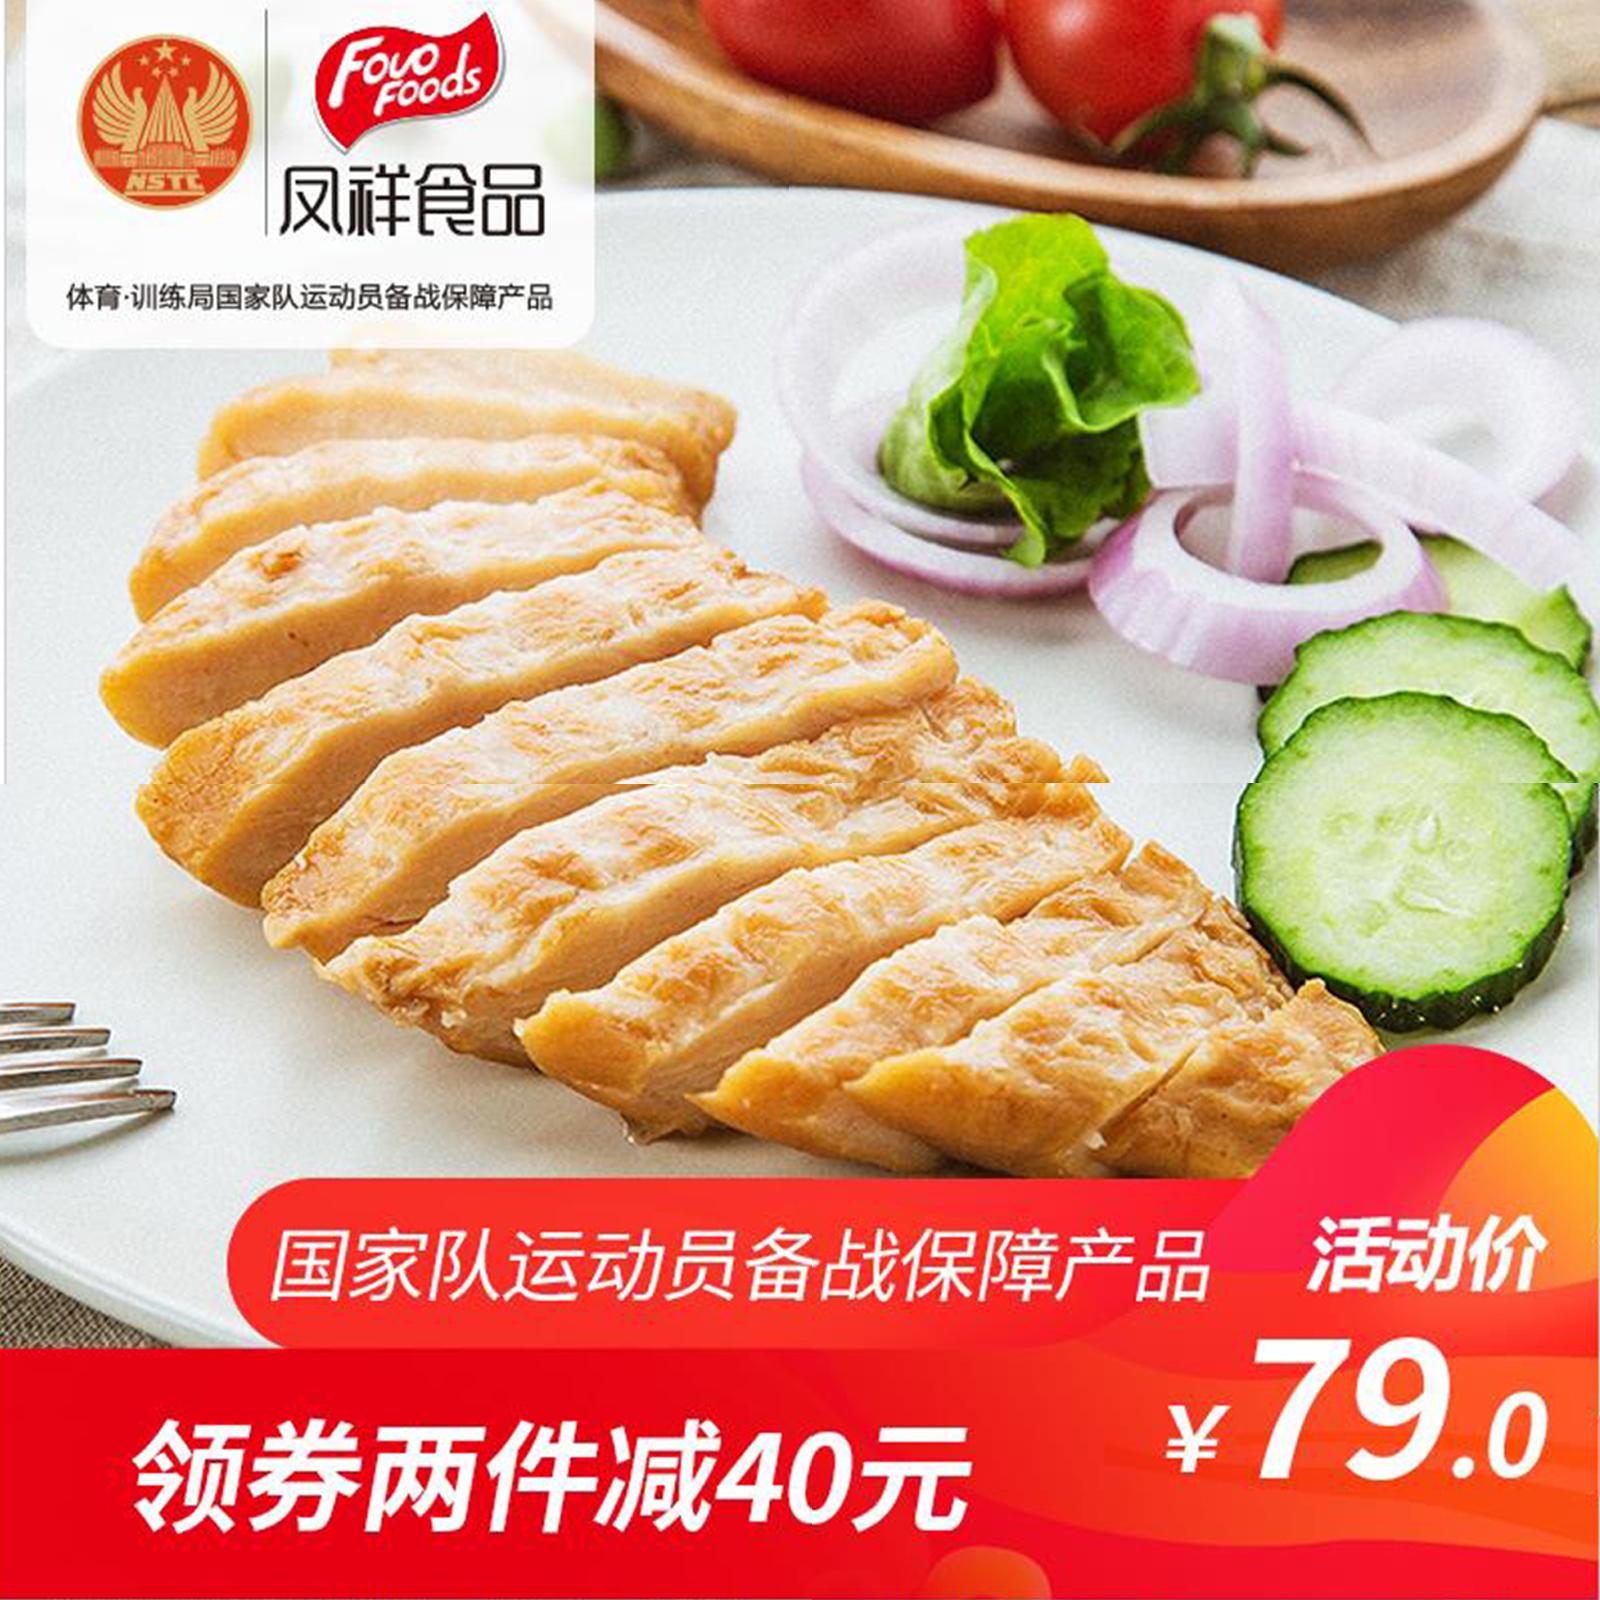 优形鸡胸肉 浓郁烟熏味套餐 6盒共600g10-10新券